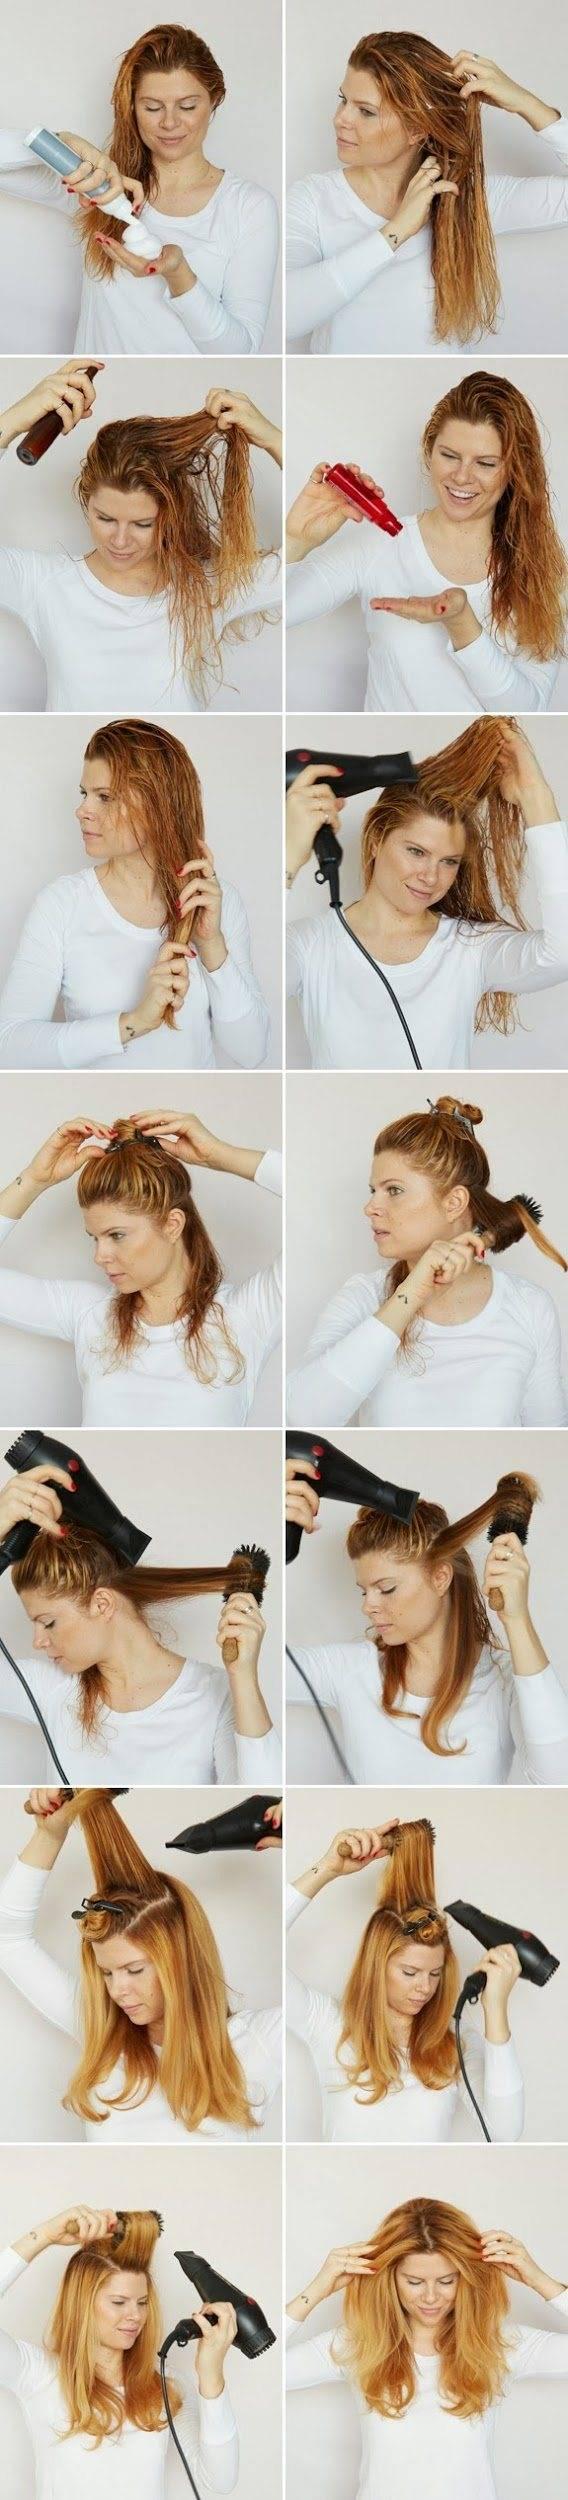 Как уложить короткие волосы пошагово своими руками. фото, видео